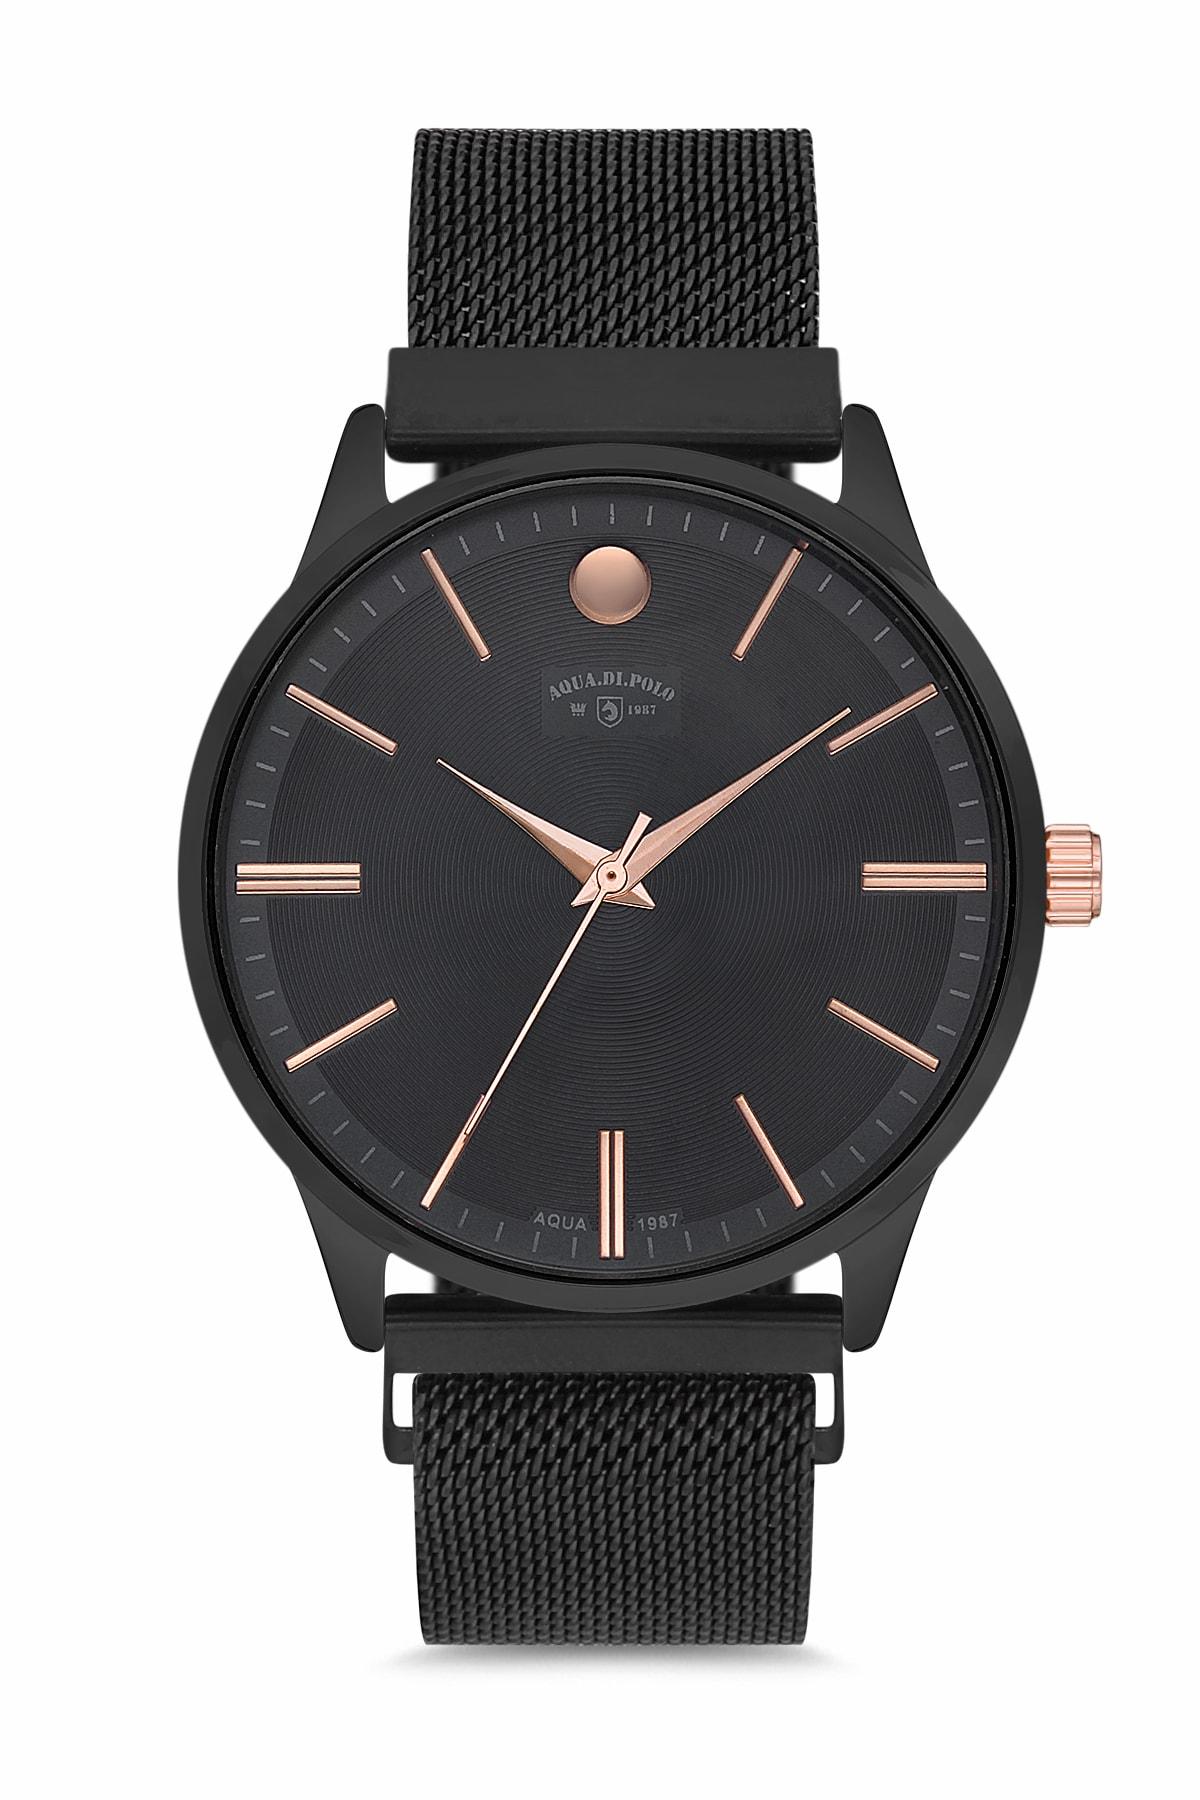 خرید آنلاین ساعت زنانه اورجینال مارک Aqua Di Polo 1987 رنگ مشکی کد ty40648848